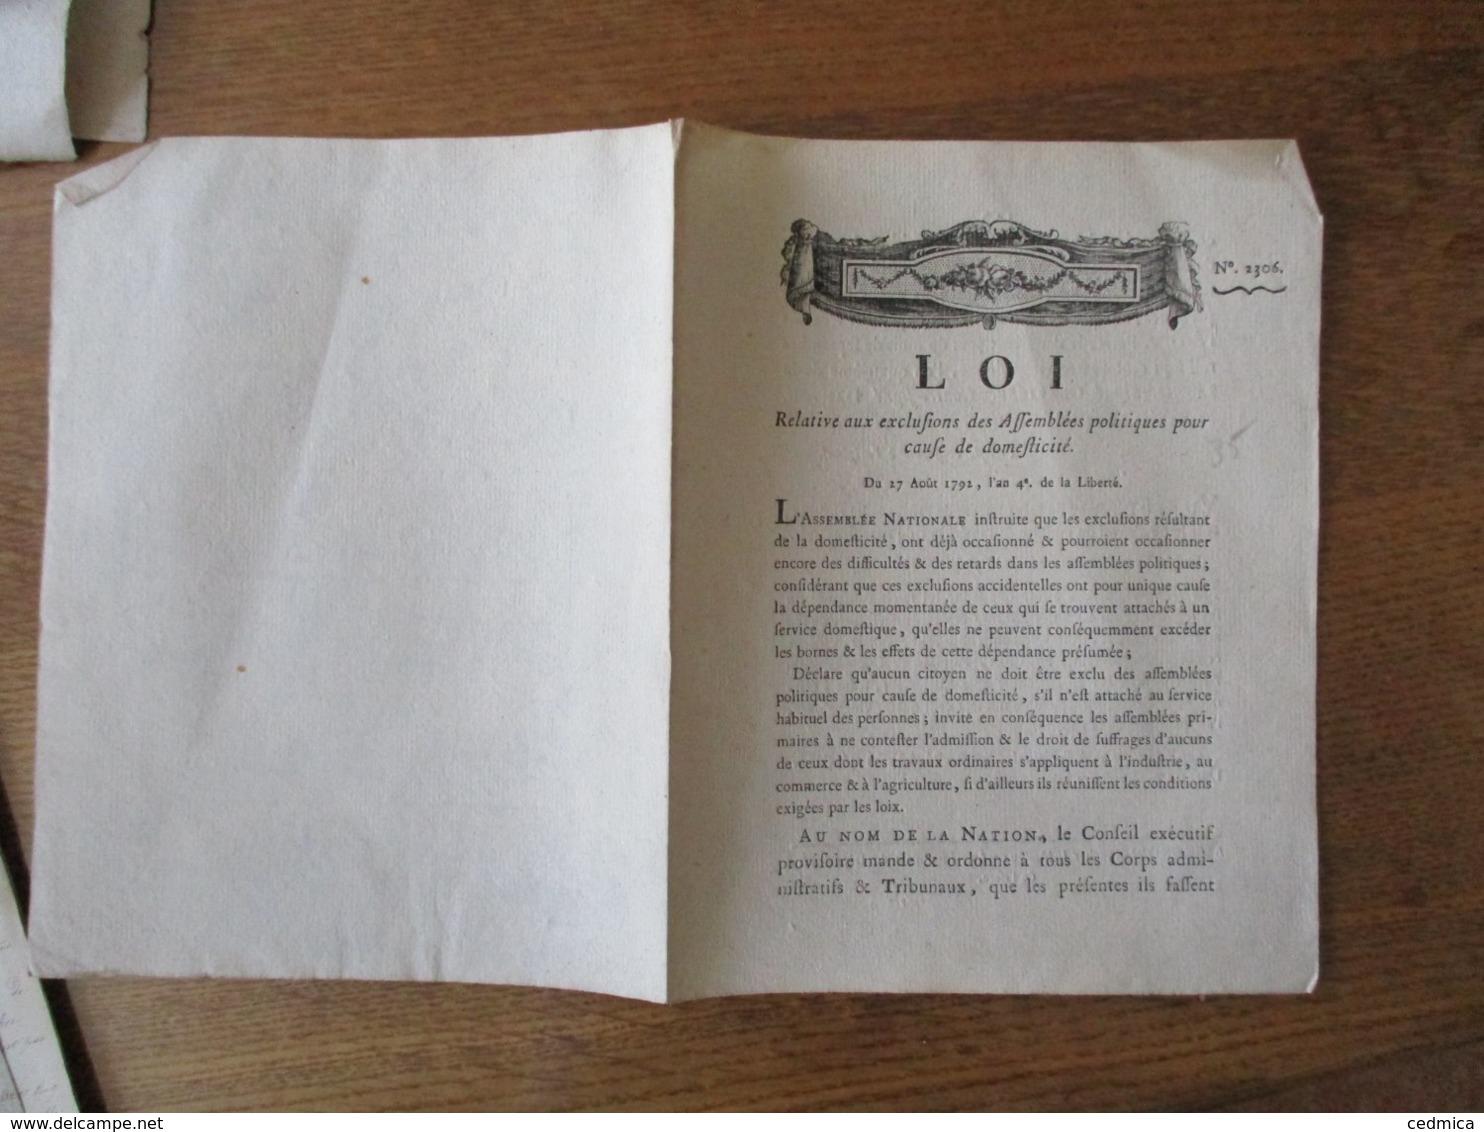 LOI DU 27 AOUT 1792 AN 4e DE LA LIBERTE RELATIVE AUX EXCLUSIONS DES ASSEMBLEES POLITIQUESPOUR CAUSE DE DOMESTICITE - Décrets & Lois